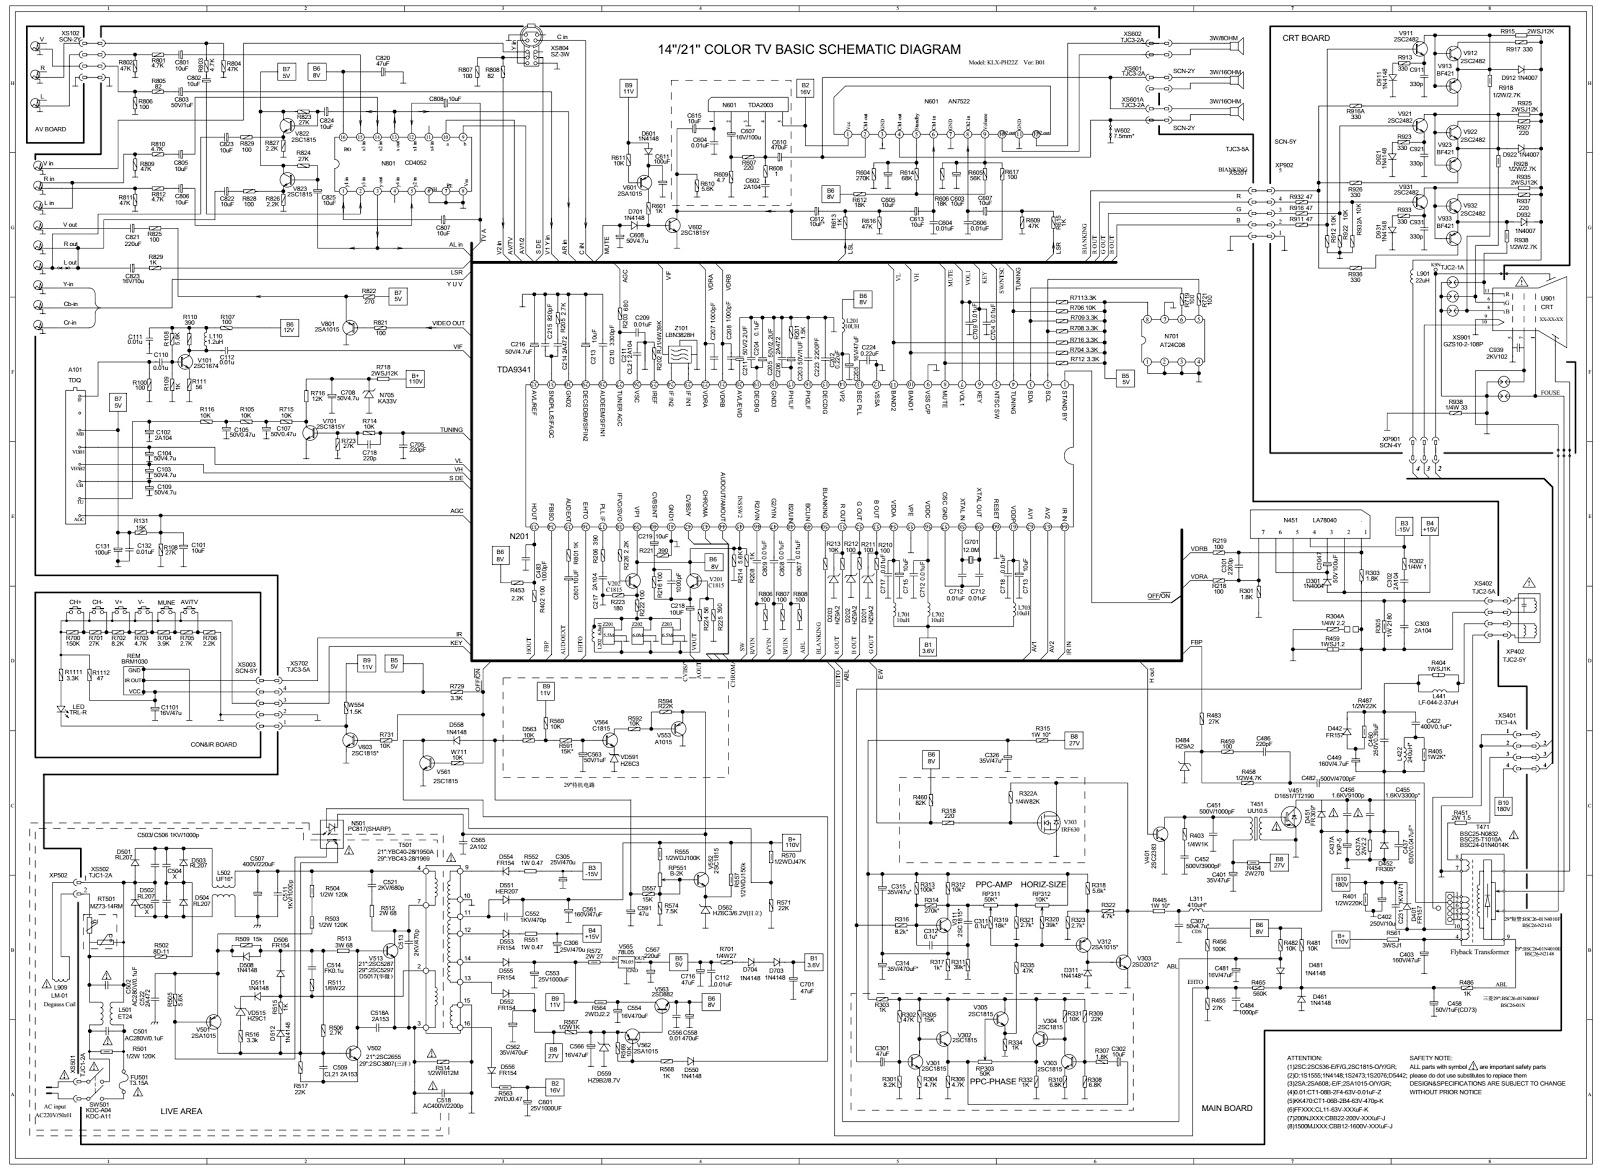 Schematic Diagrams Color Tv Circuit Diagram Using Tda